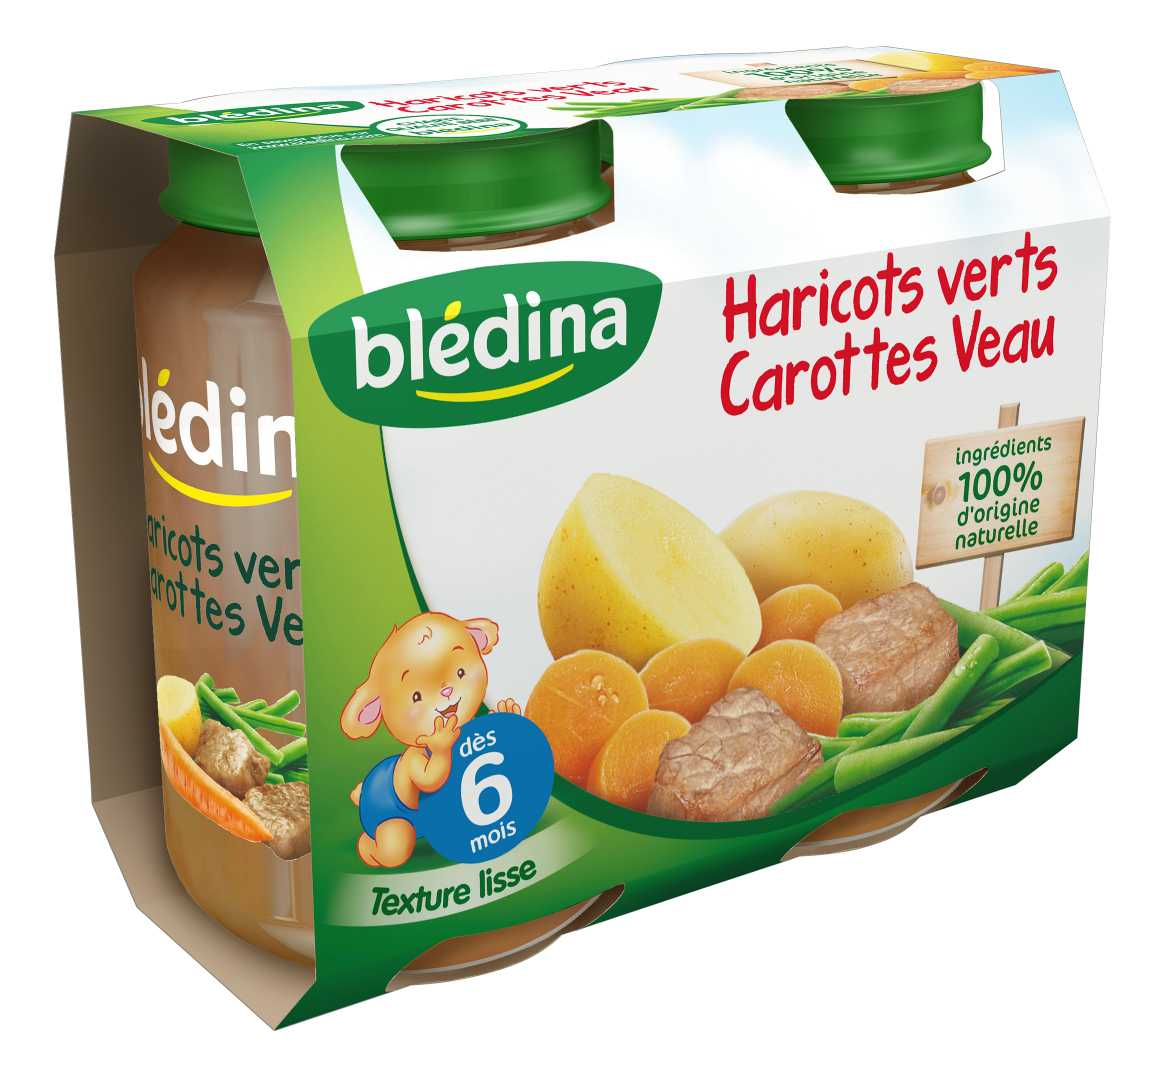 Pot Haricots verts Carottes Veau 2x200g